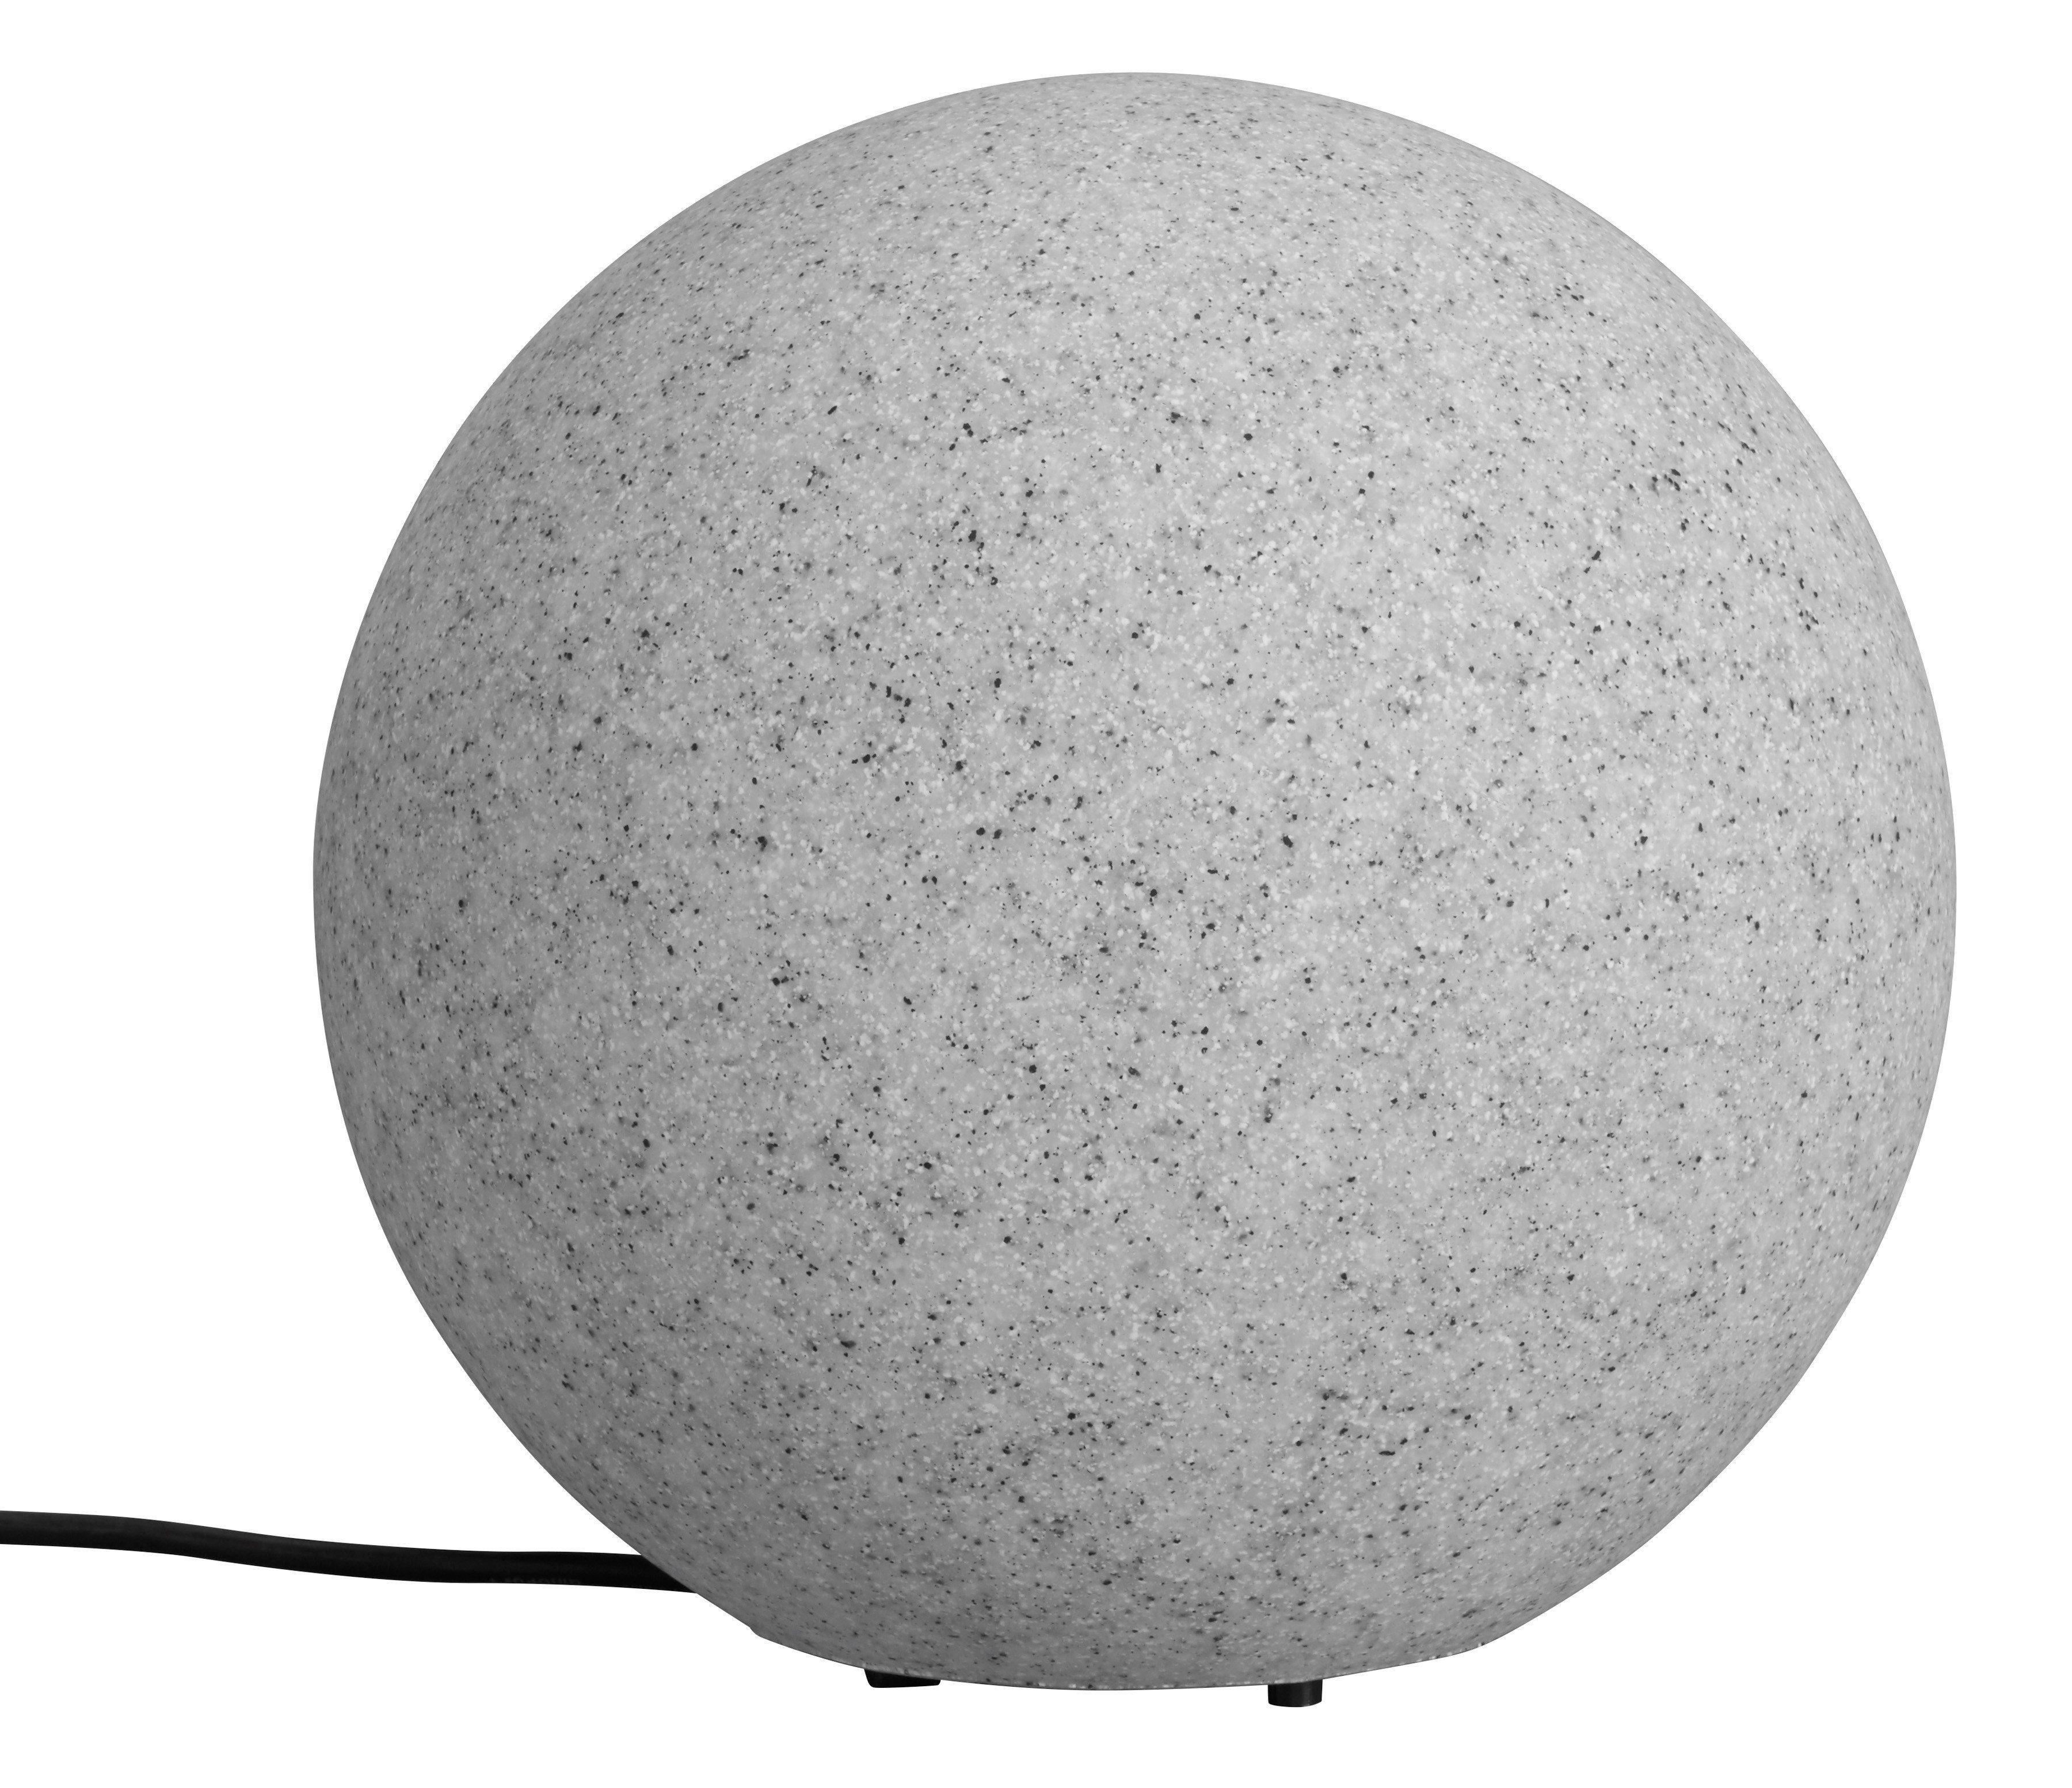 BETTERLIGHTING Leuchtkugel , Breite: 30 cm, granit